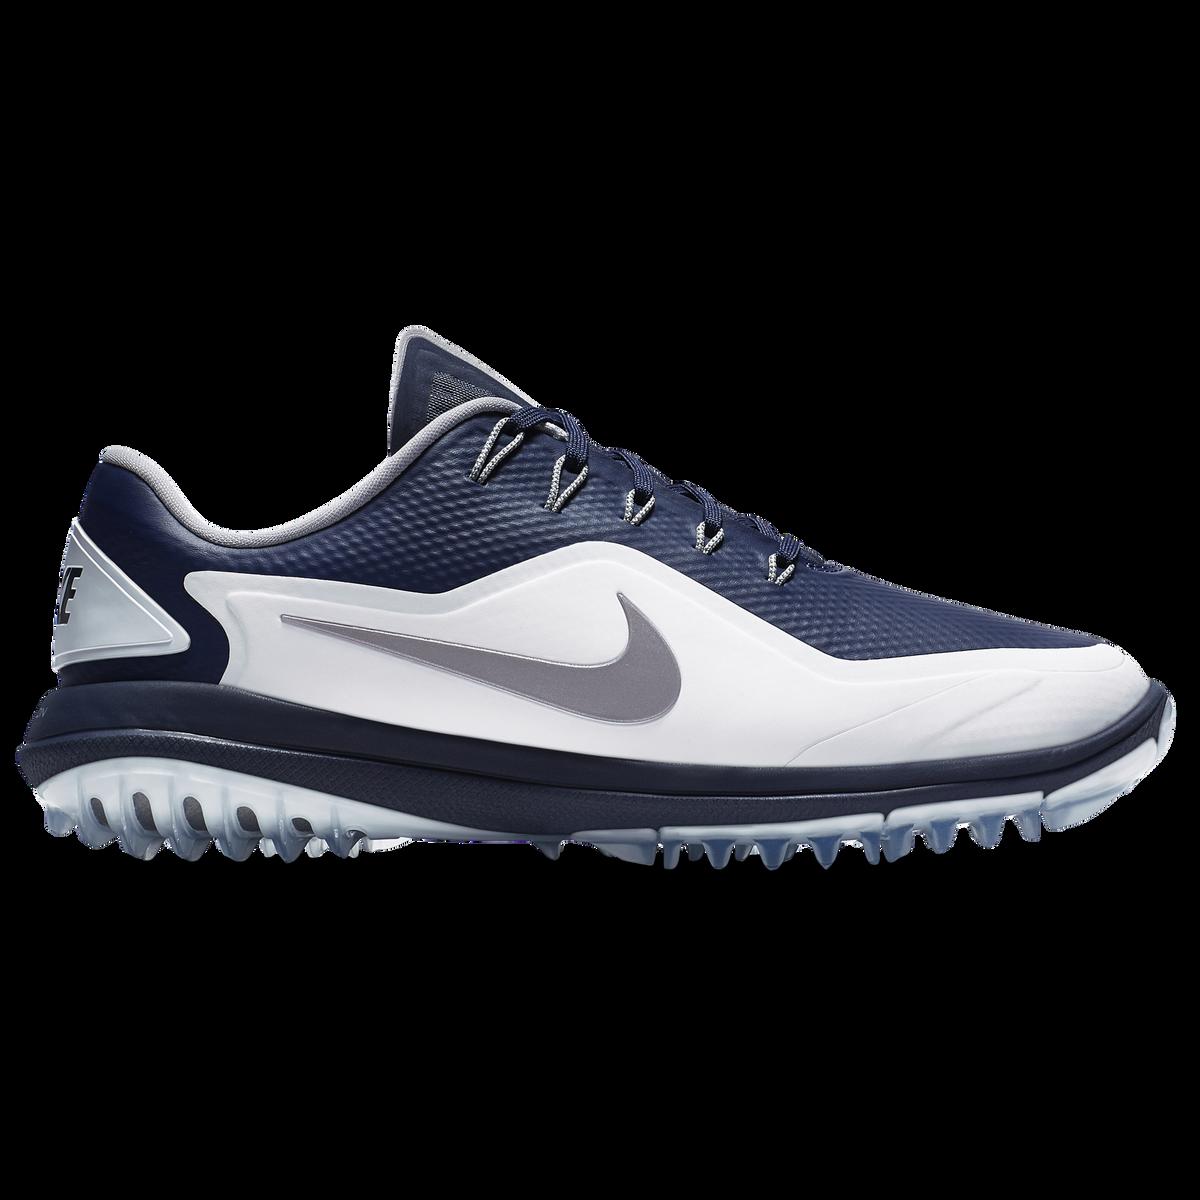 b94b5e0dbc0e Nike Lunar Control Vapor 2 Men s Golf Shoe - Blue White